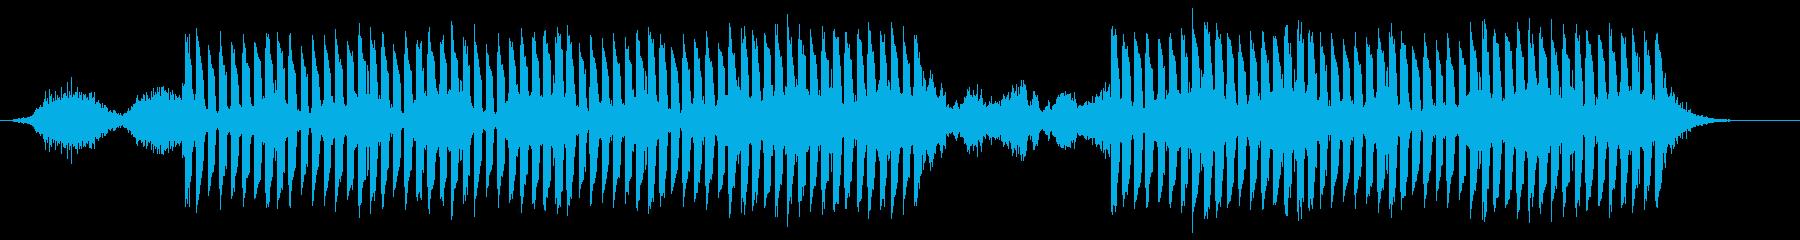 近未来的緊張感オープニング・現代的抽象的の再生済みの波形